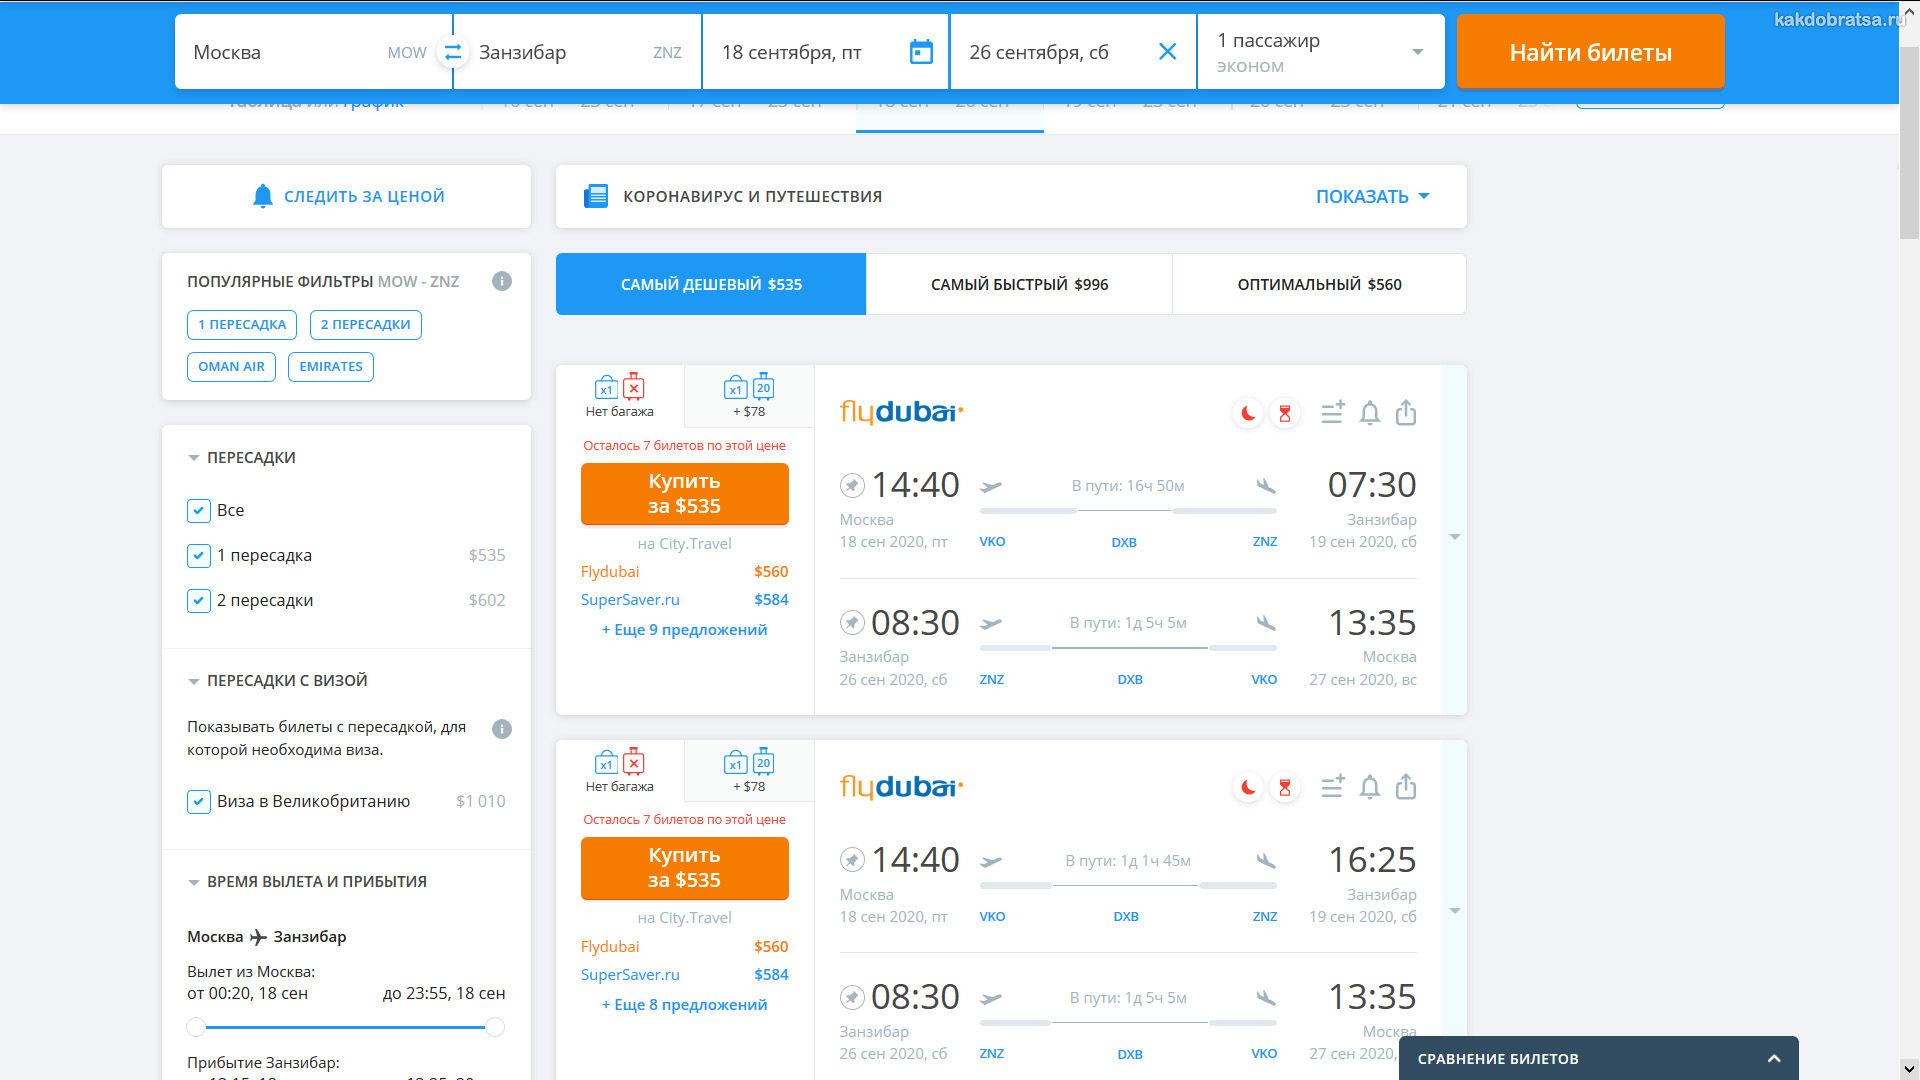 Дешевые авиабилеты из Москвы на Занзибар